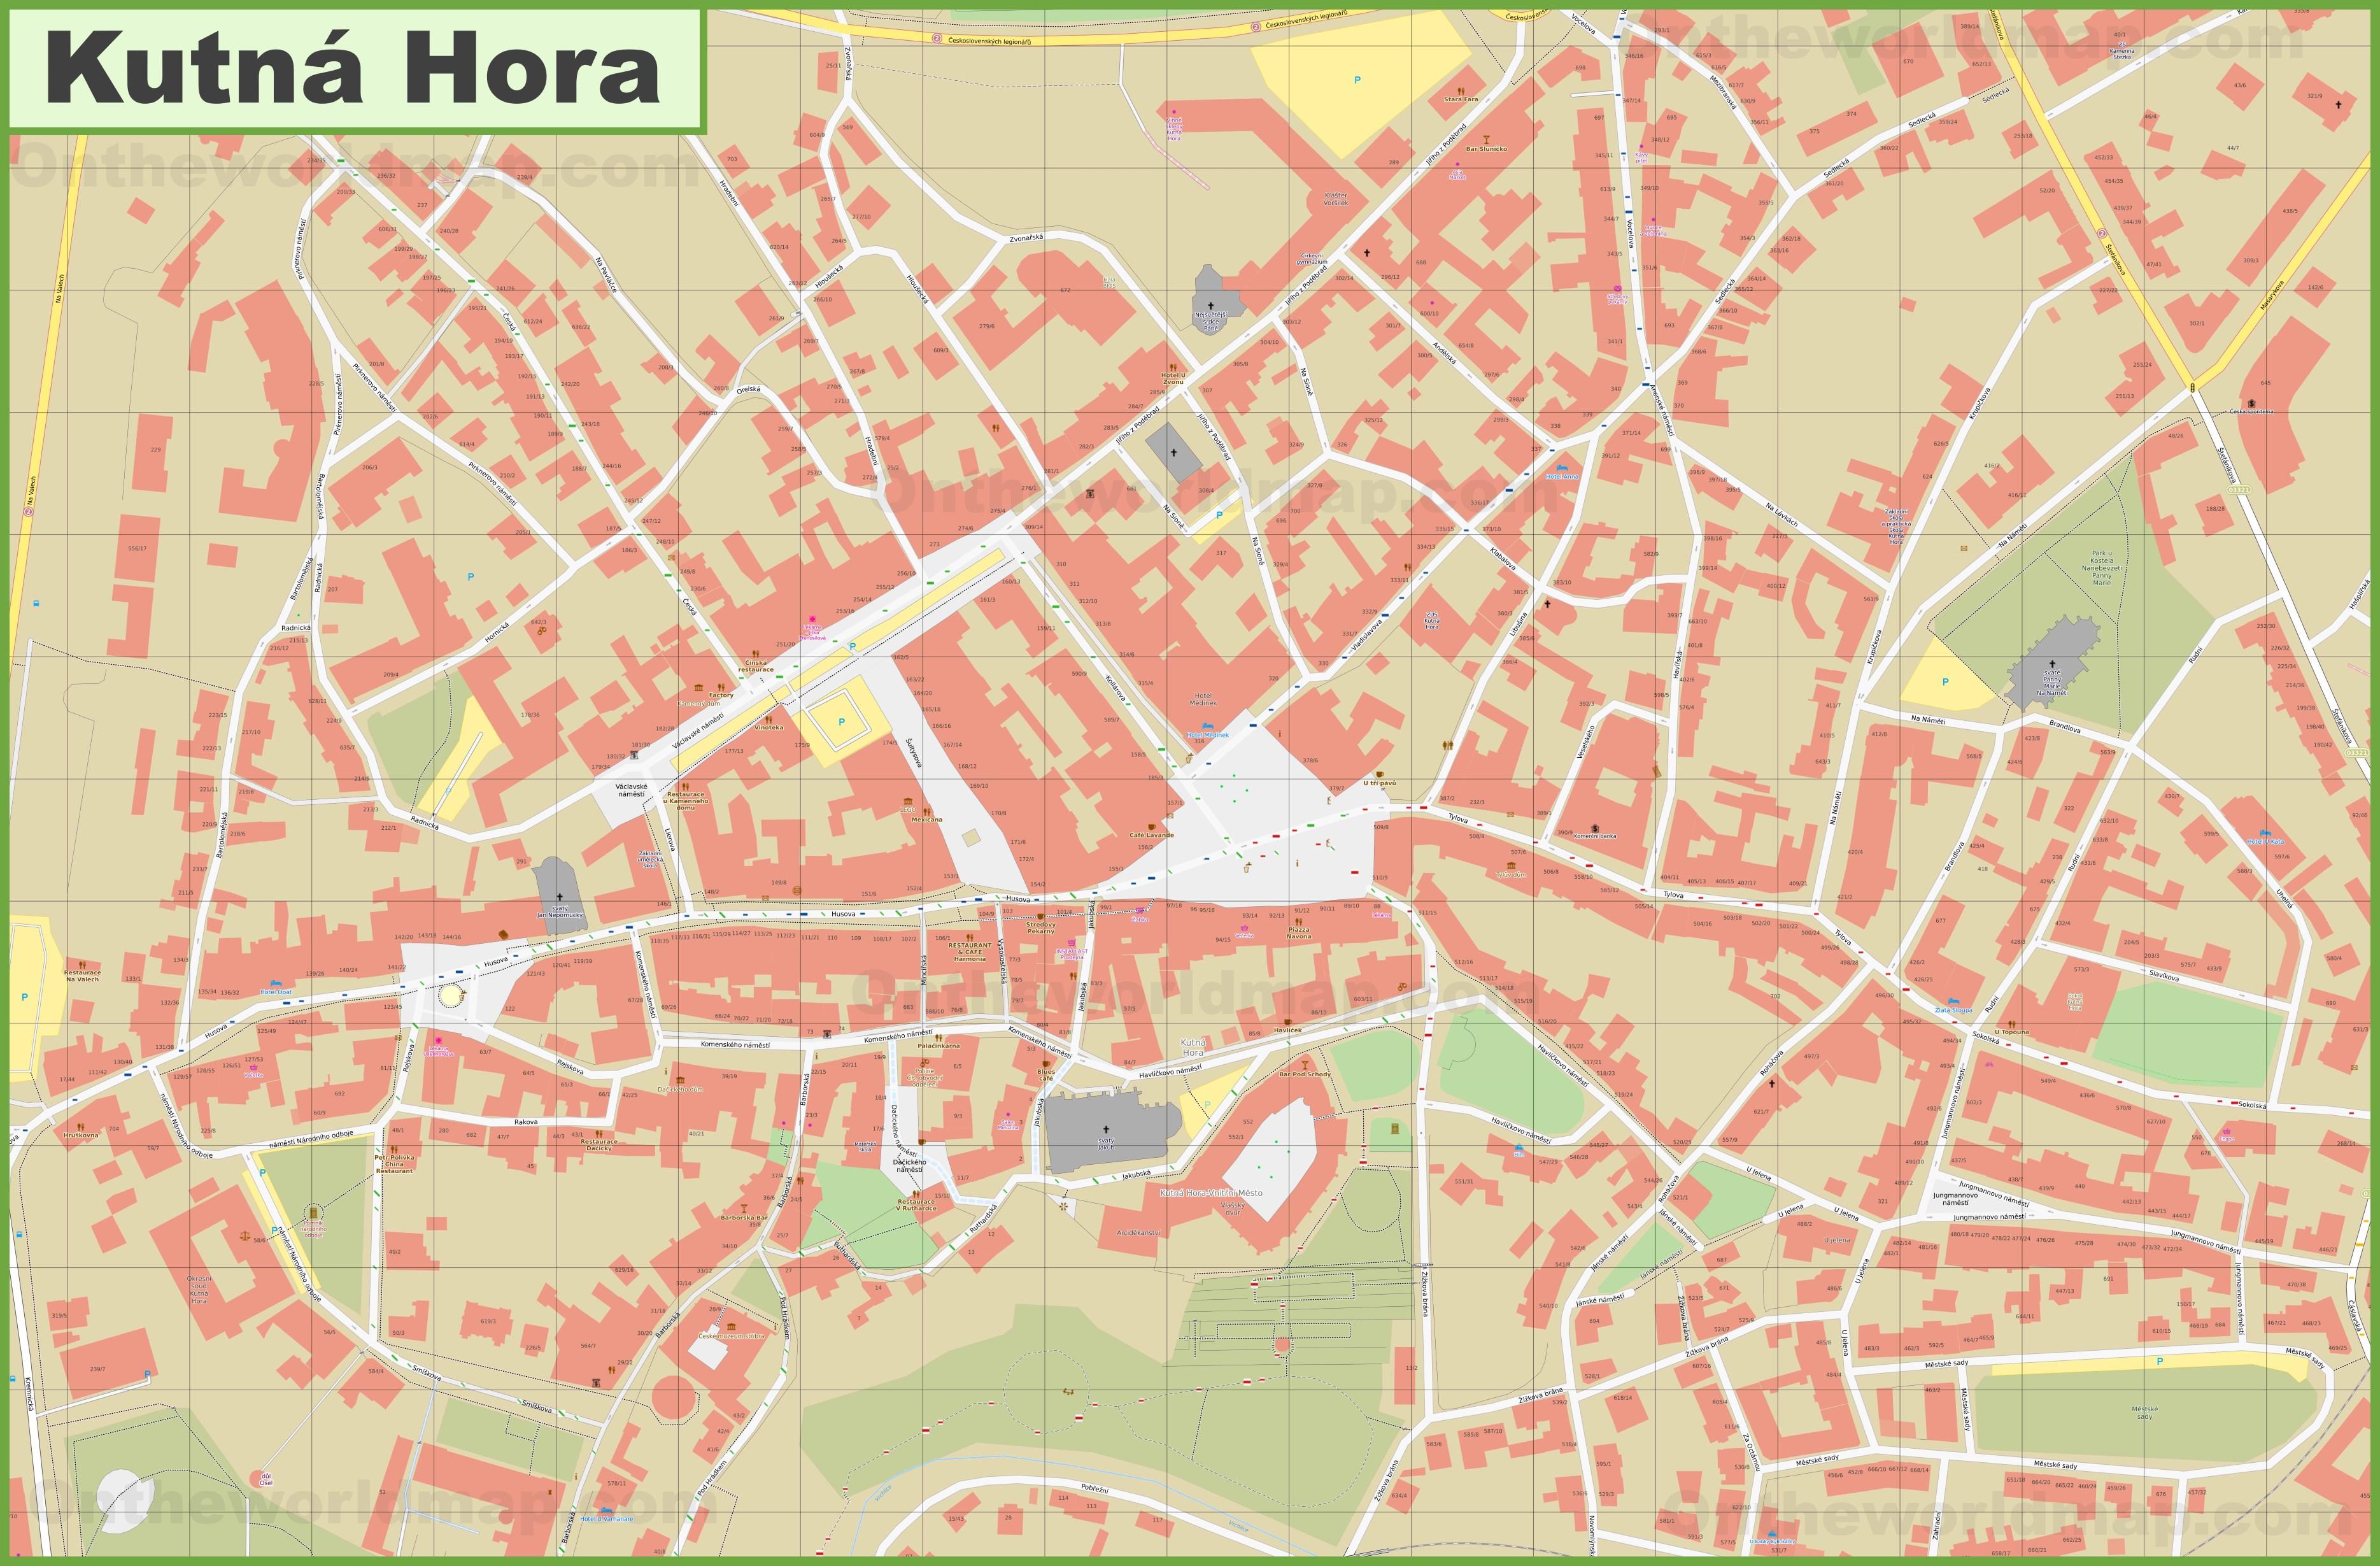 Kutna Hora City Center Map